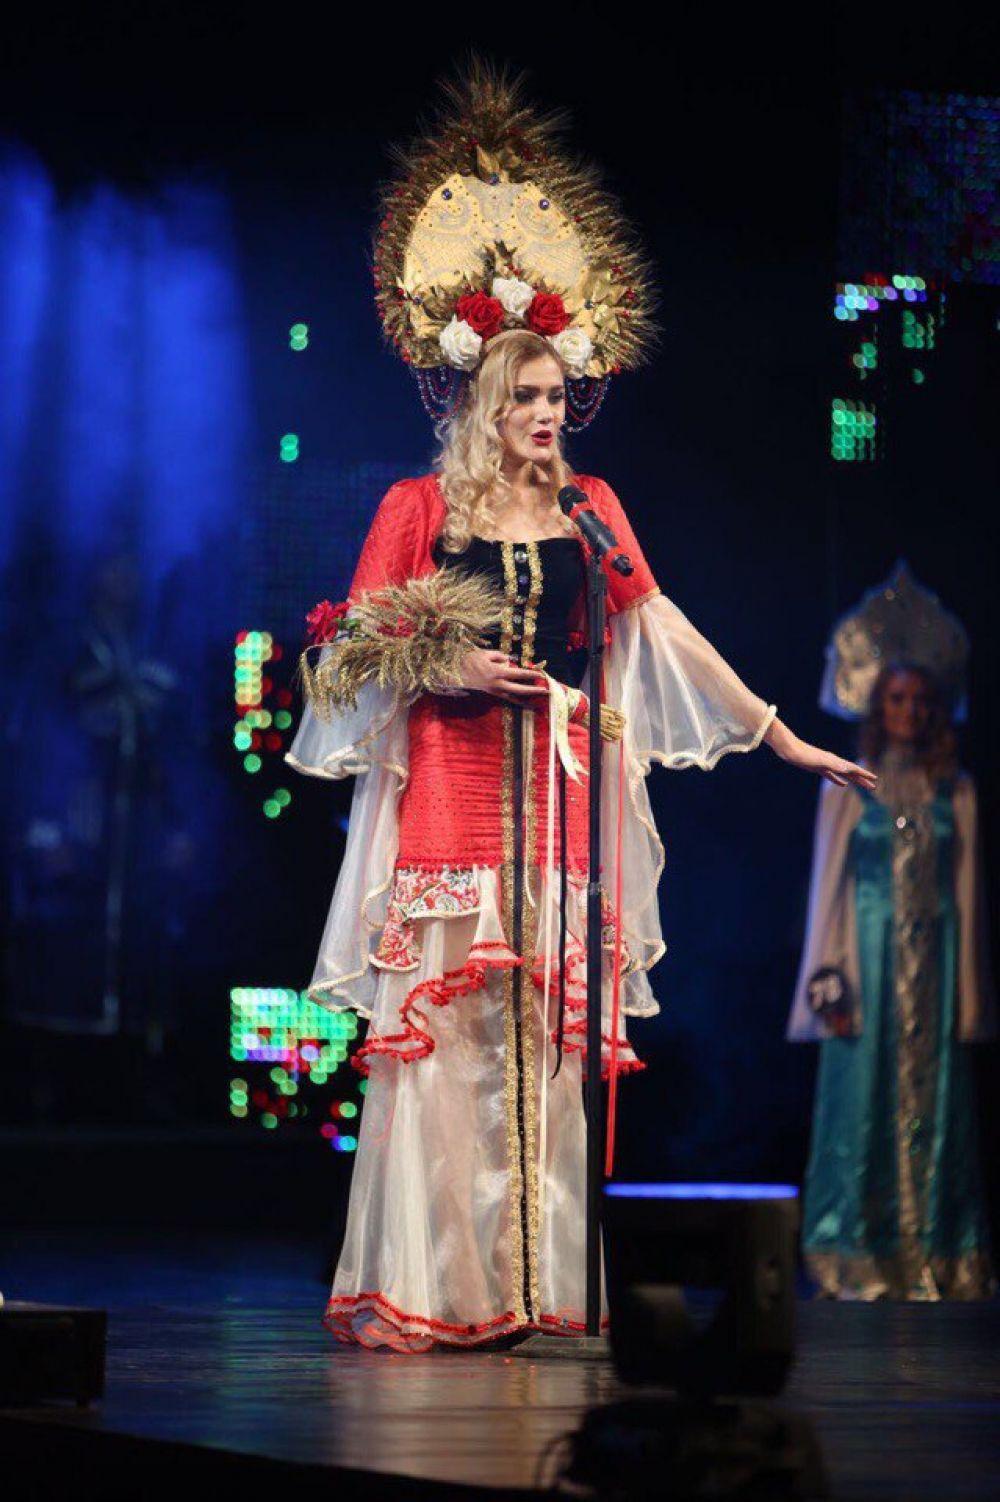 Финал конкурса прошел 26 сентября в Челябинске.